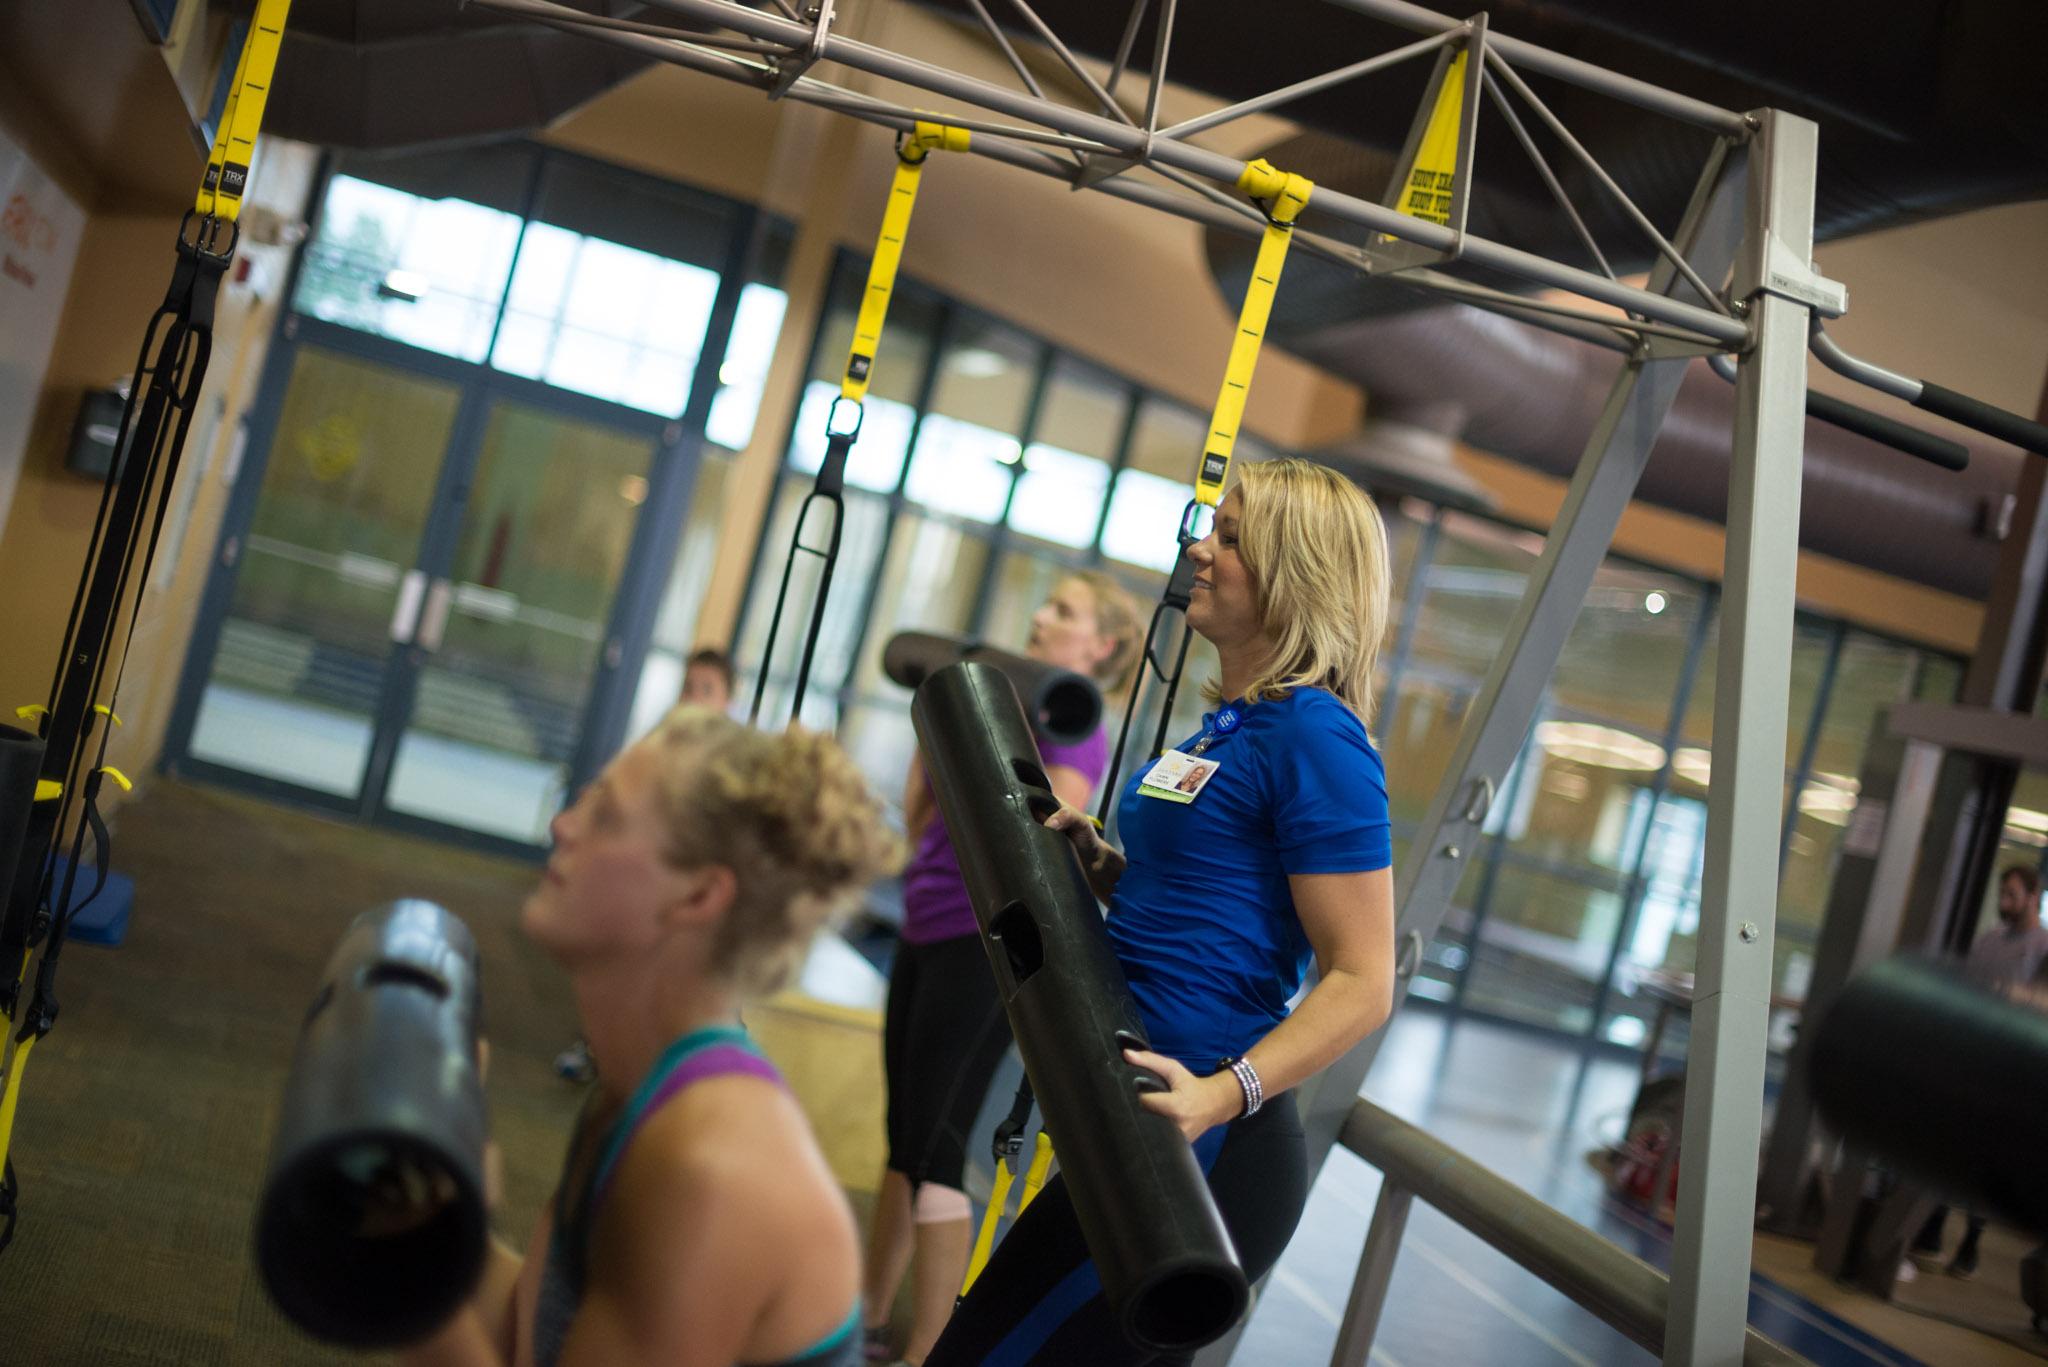 Wellness Center Stock Photos-1242.jpg